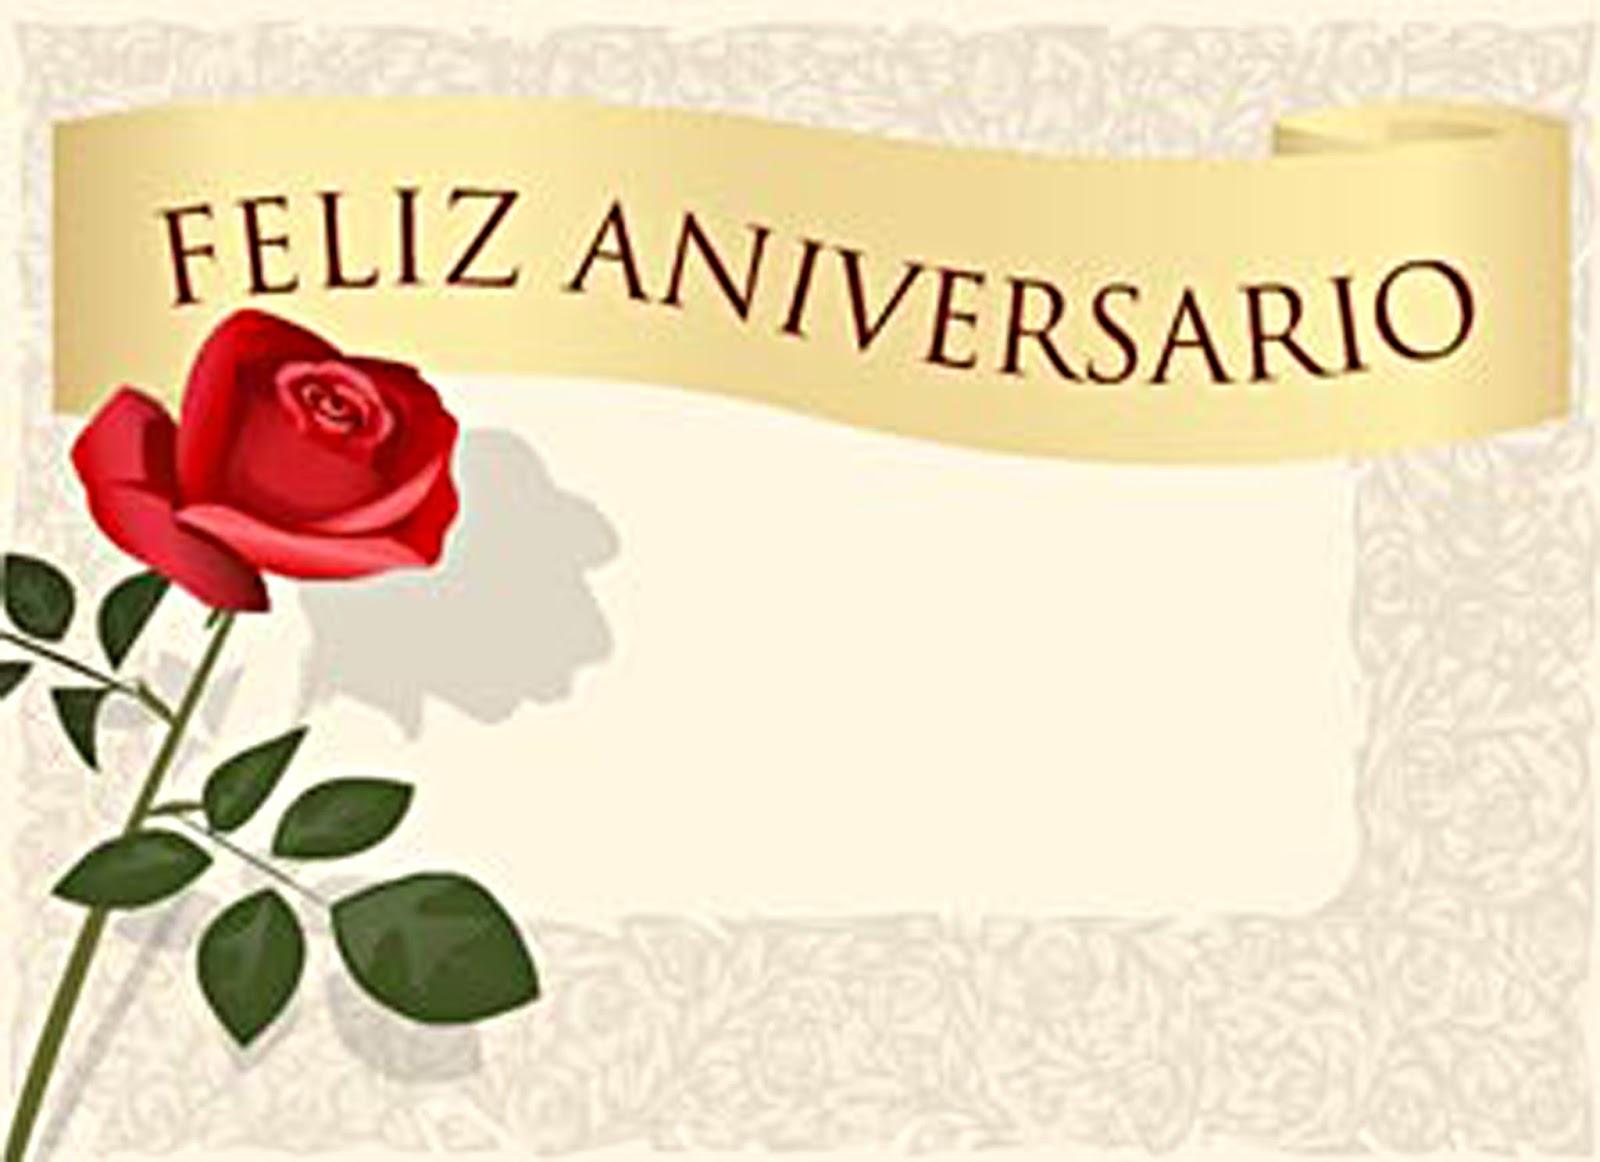 Frases De Aniversario De Casados: Abrazodelibro: Micro Aniversarios